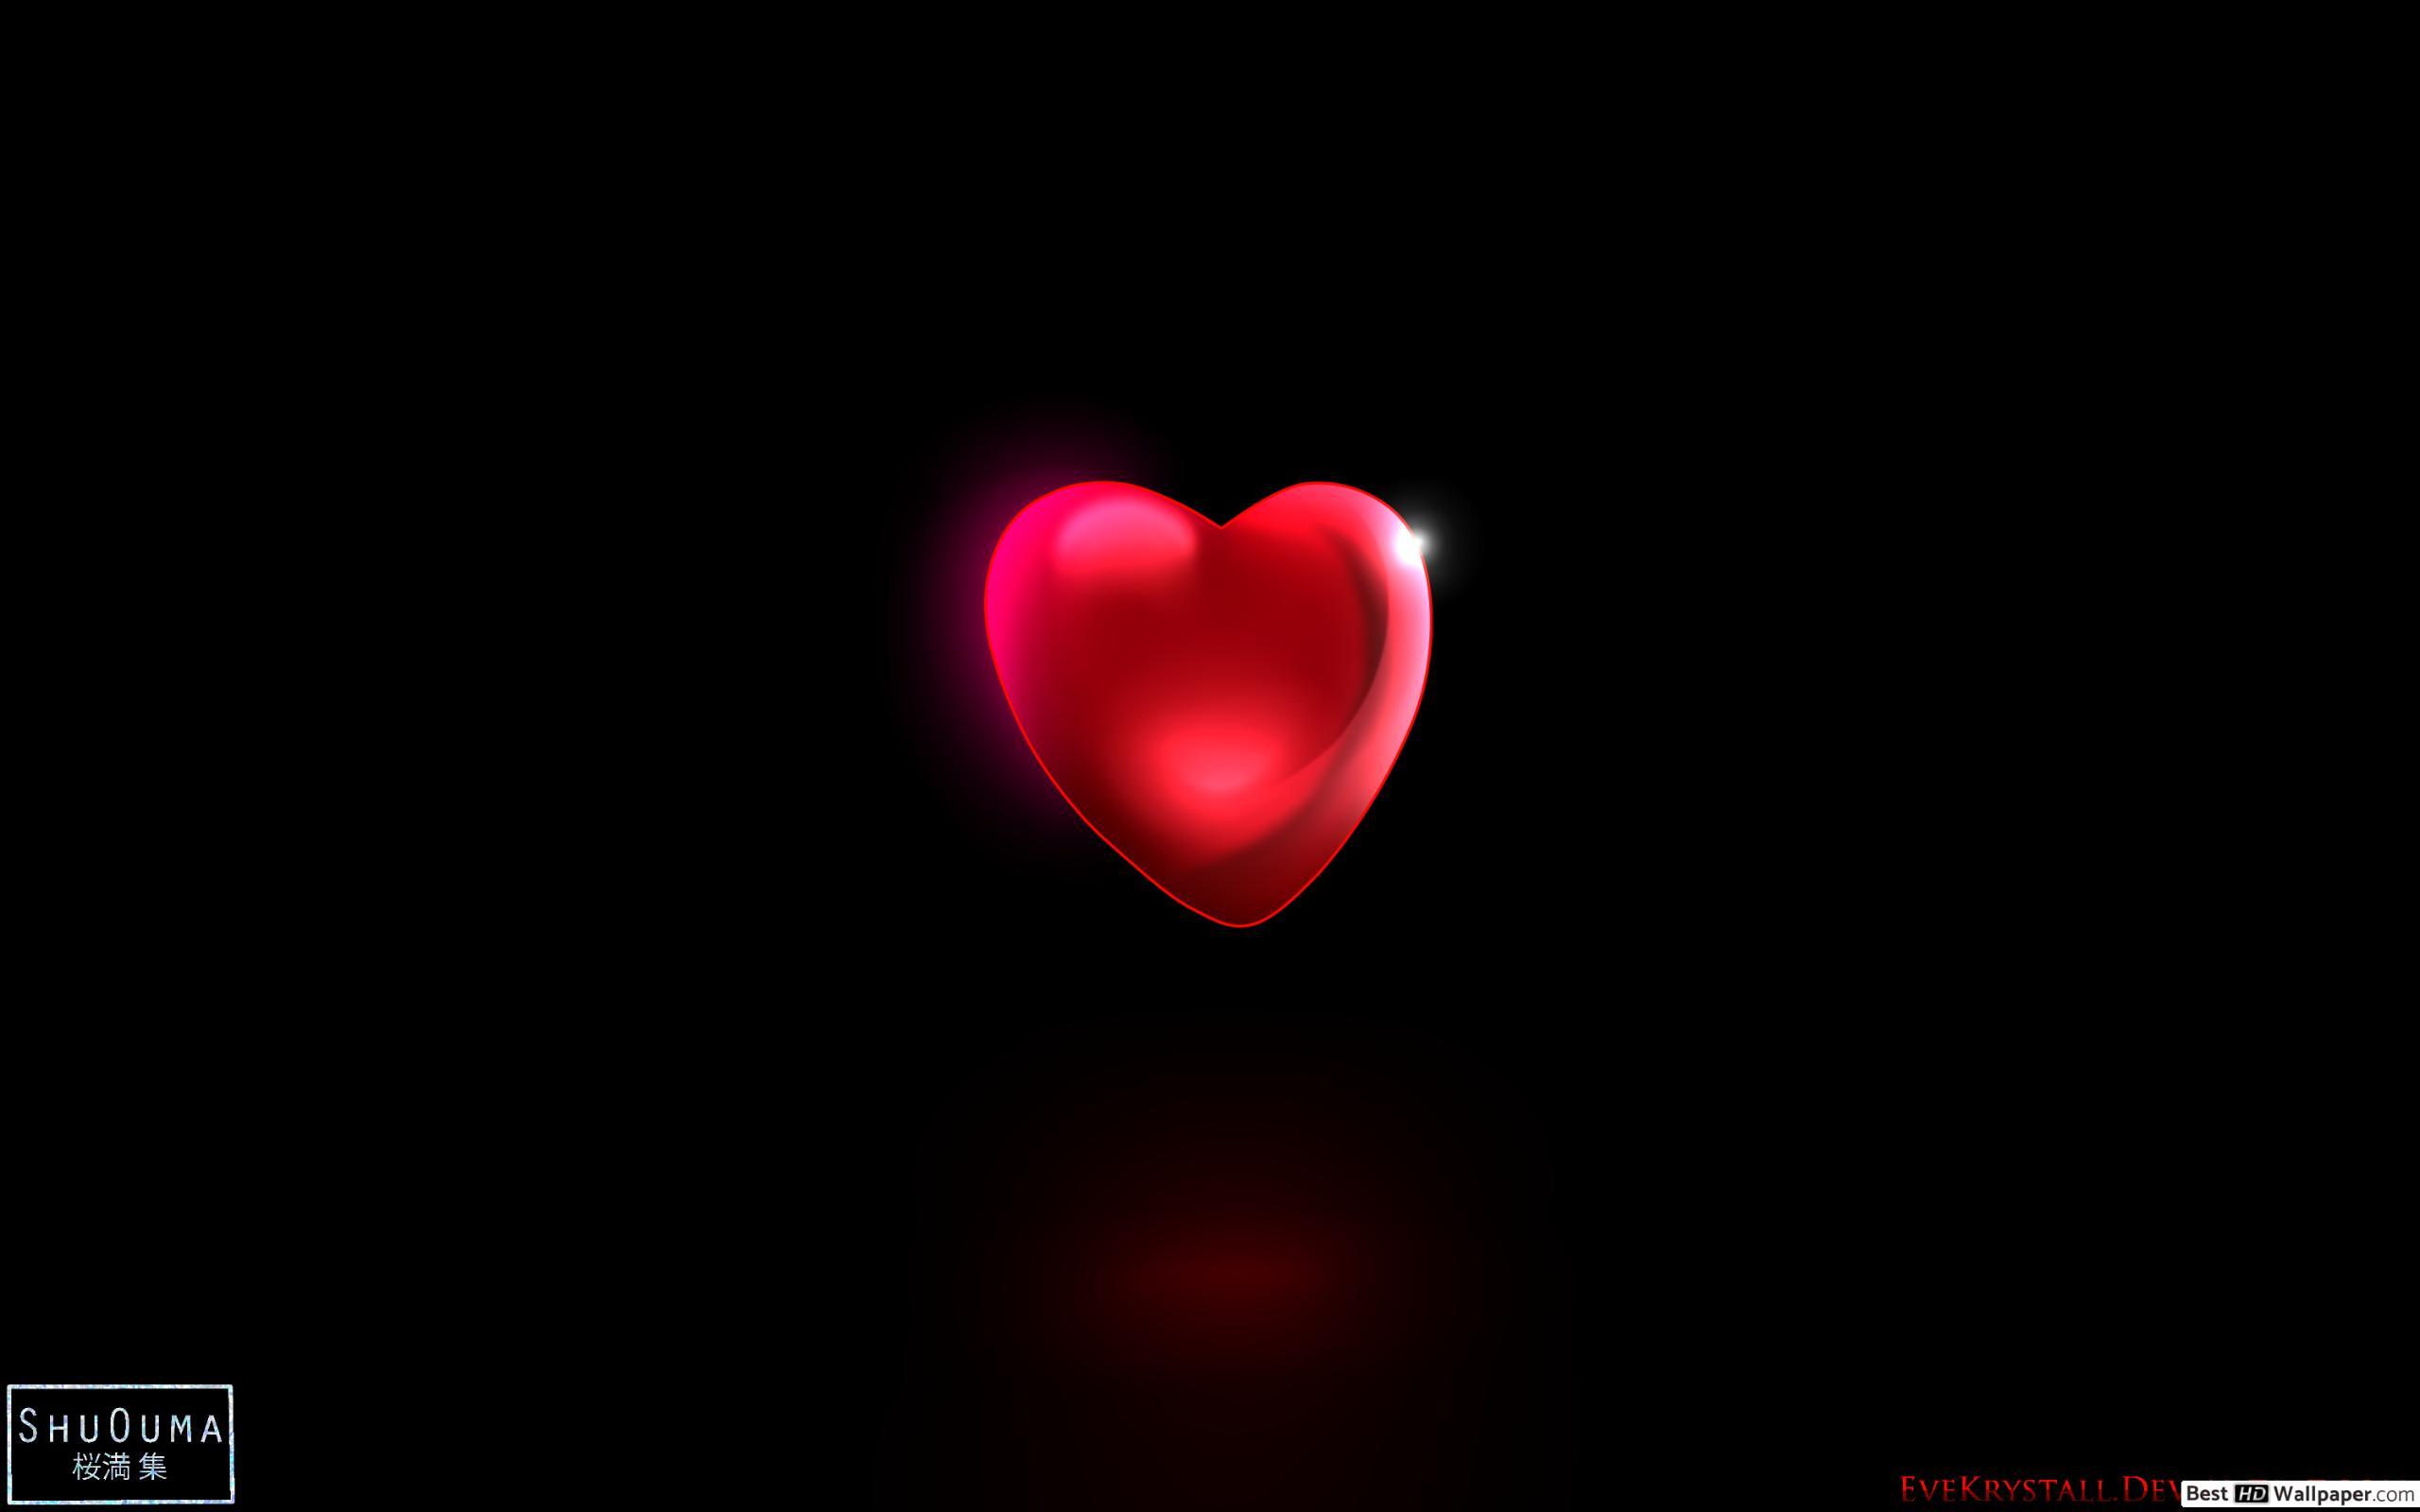 Valentinstag - Digital-Rotes Herz Hd Hintergrundbilder verwandt mit Herz Bilder Kostenlos Herunterladen